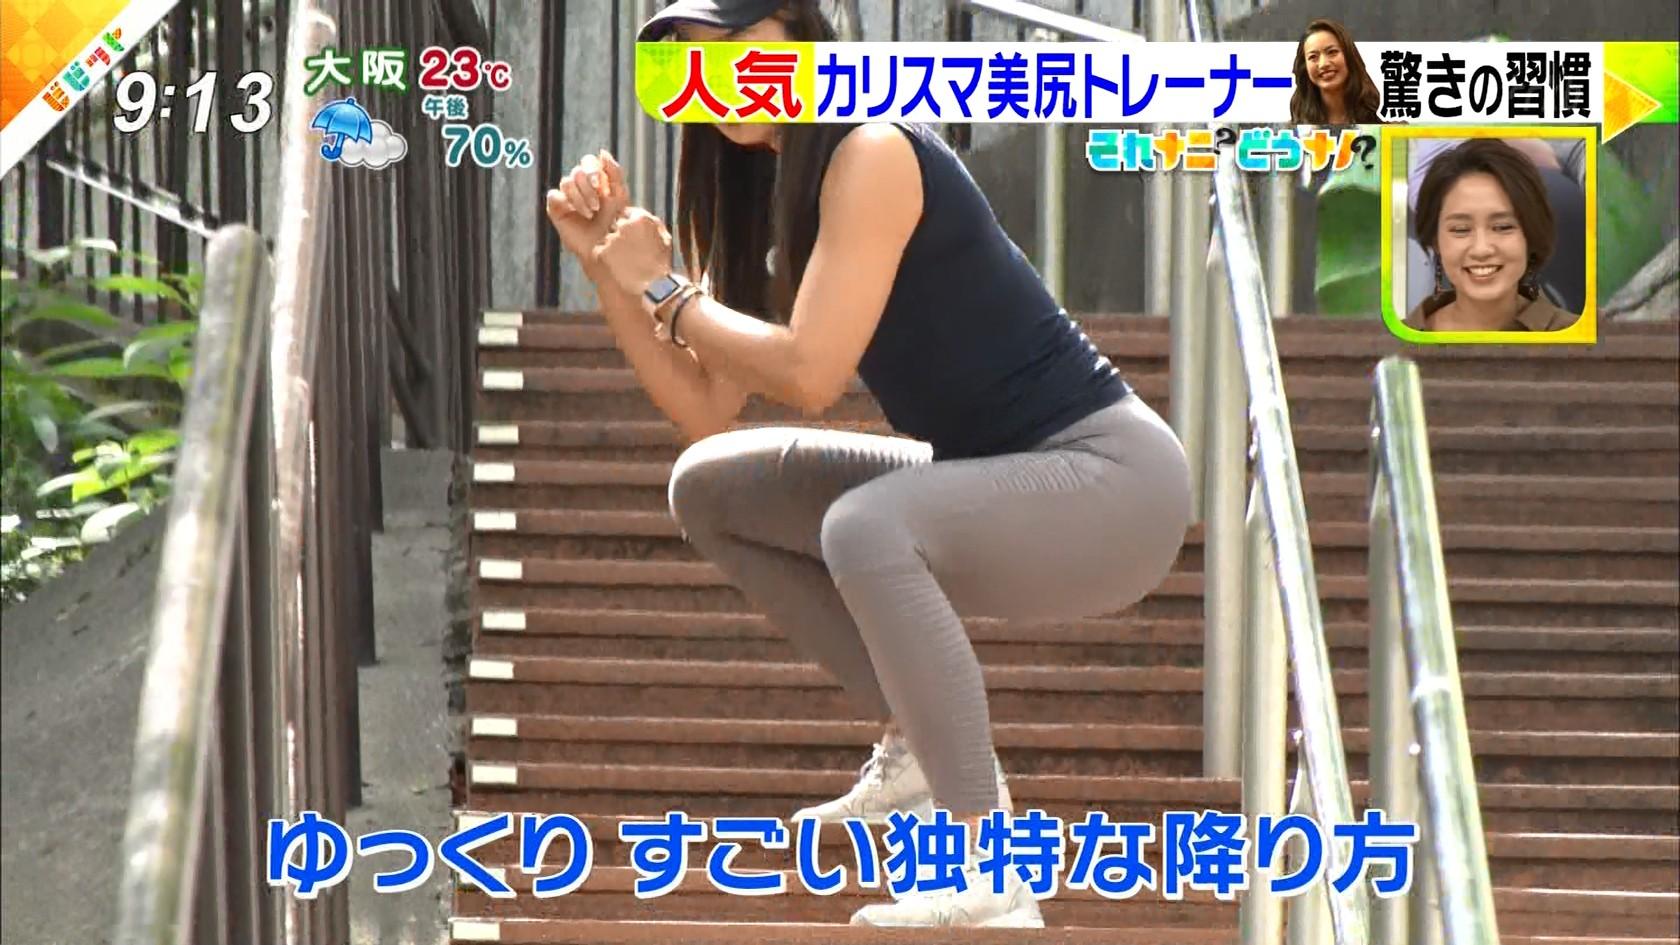 岡部友_美尻_スパッツ_テレビキャプ画像_16